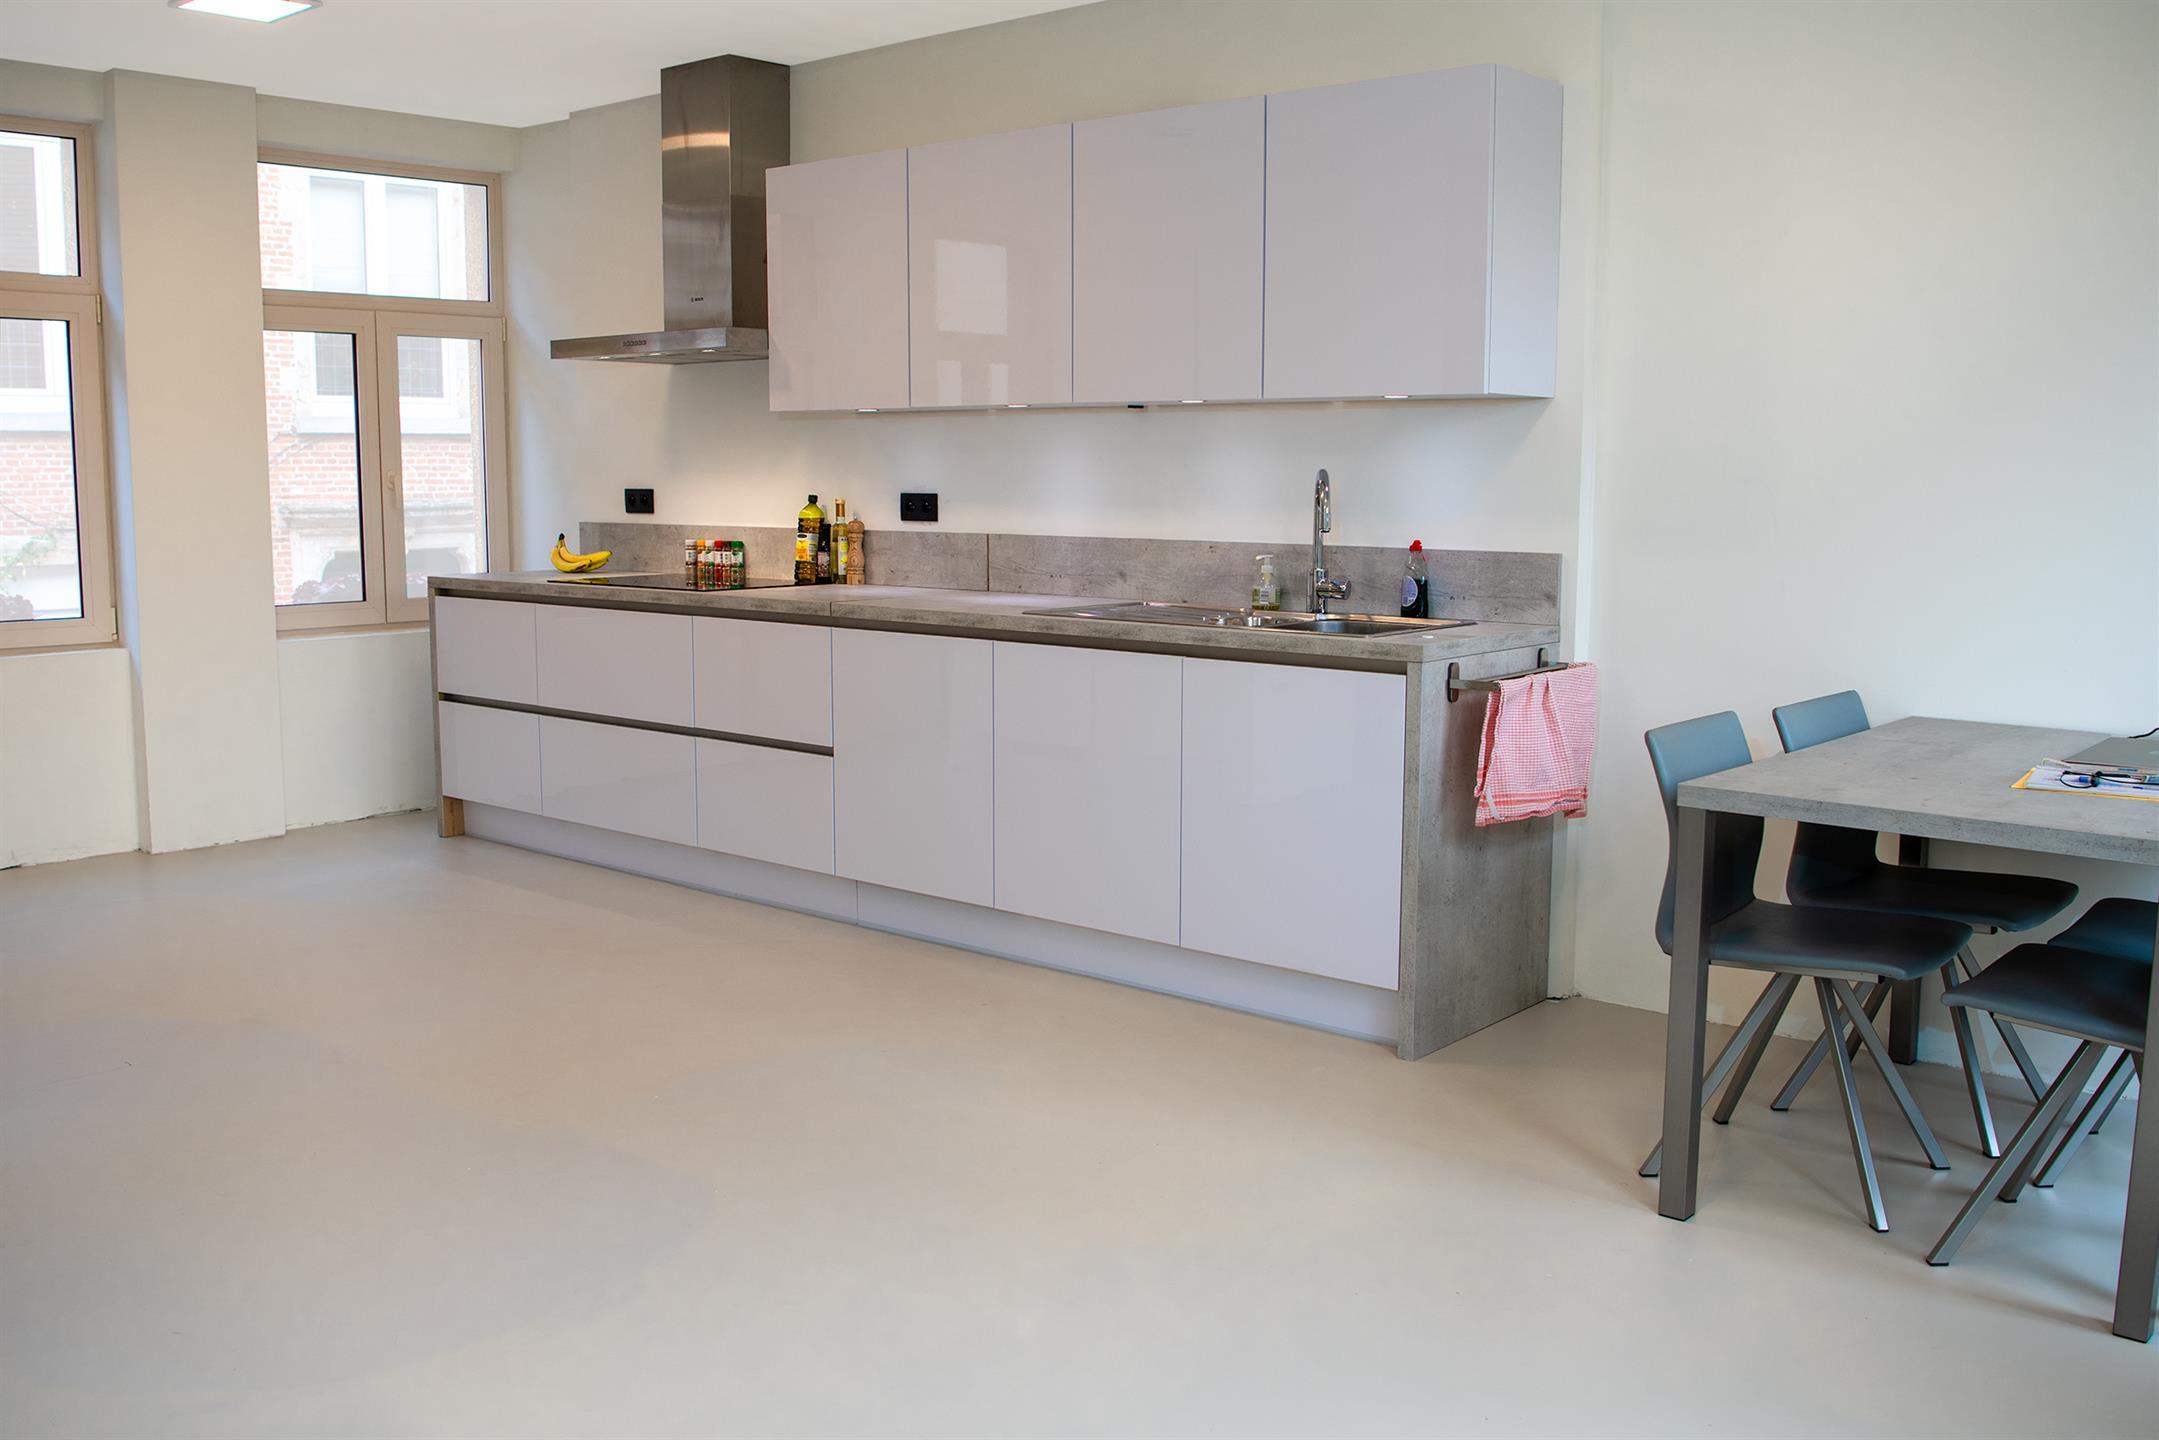 Buitengewoon huis - Mechelen - #4226255-11